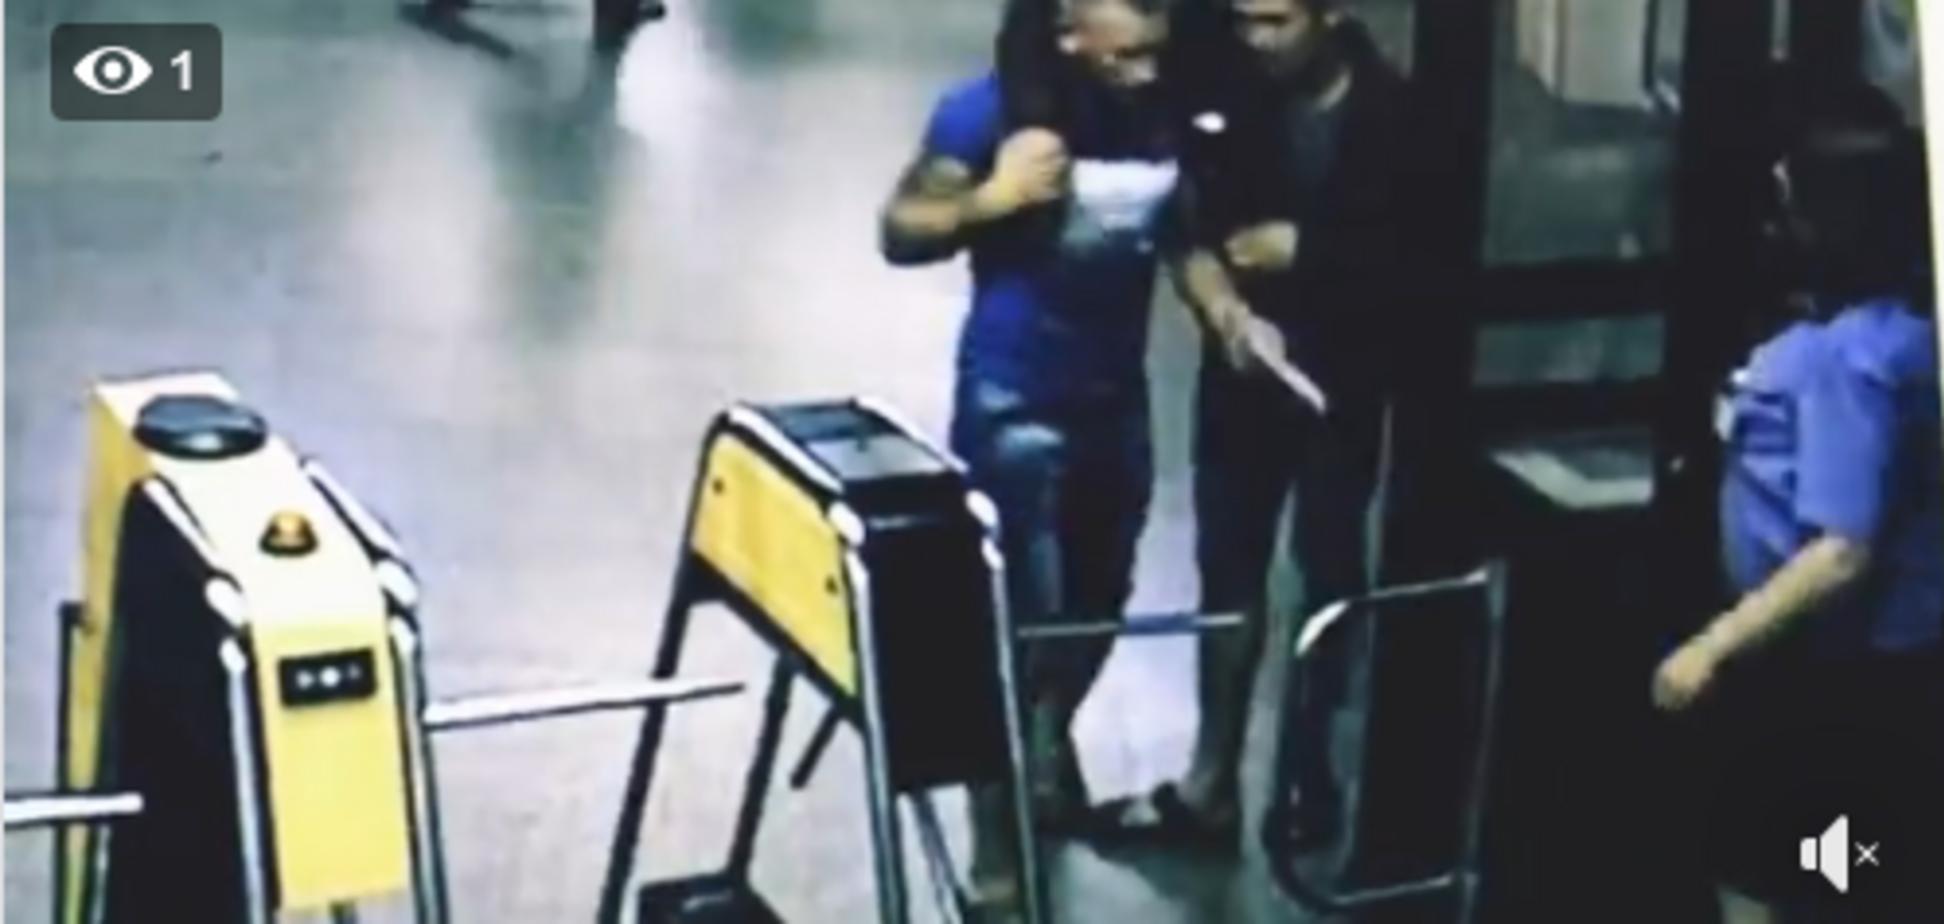 ''Кино о мужской дружбе'': нелепый инцидент в метро Киева попал на видео